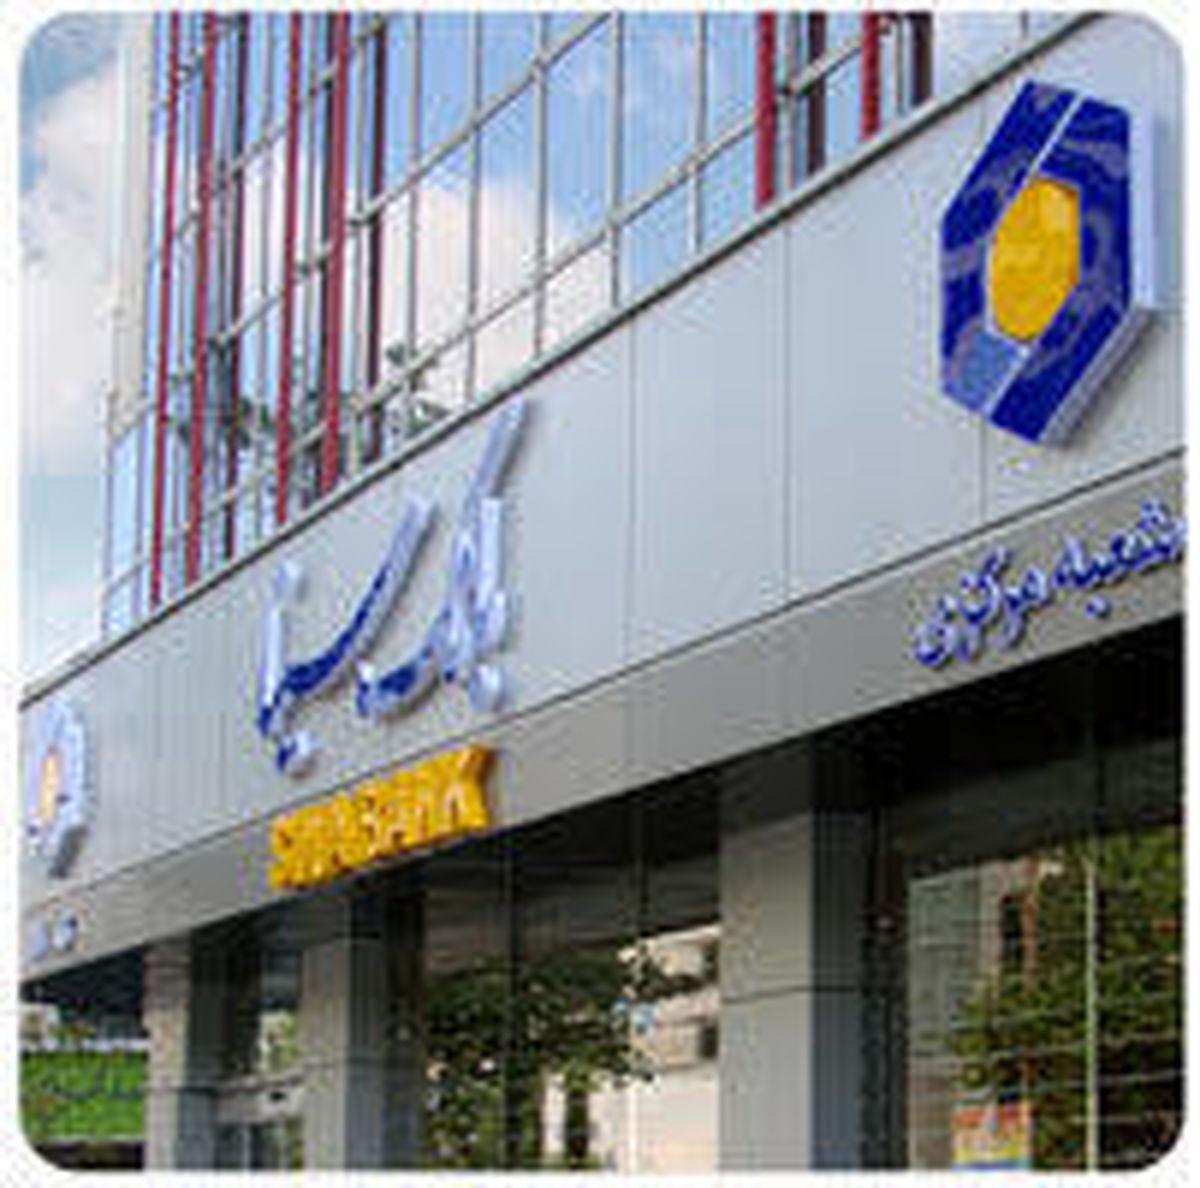 قطع موقت خدمات بانک سینا به دلیل جایگزینی تجهیزات جدید امنیت شبکه